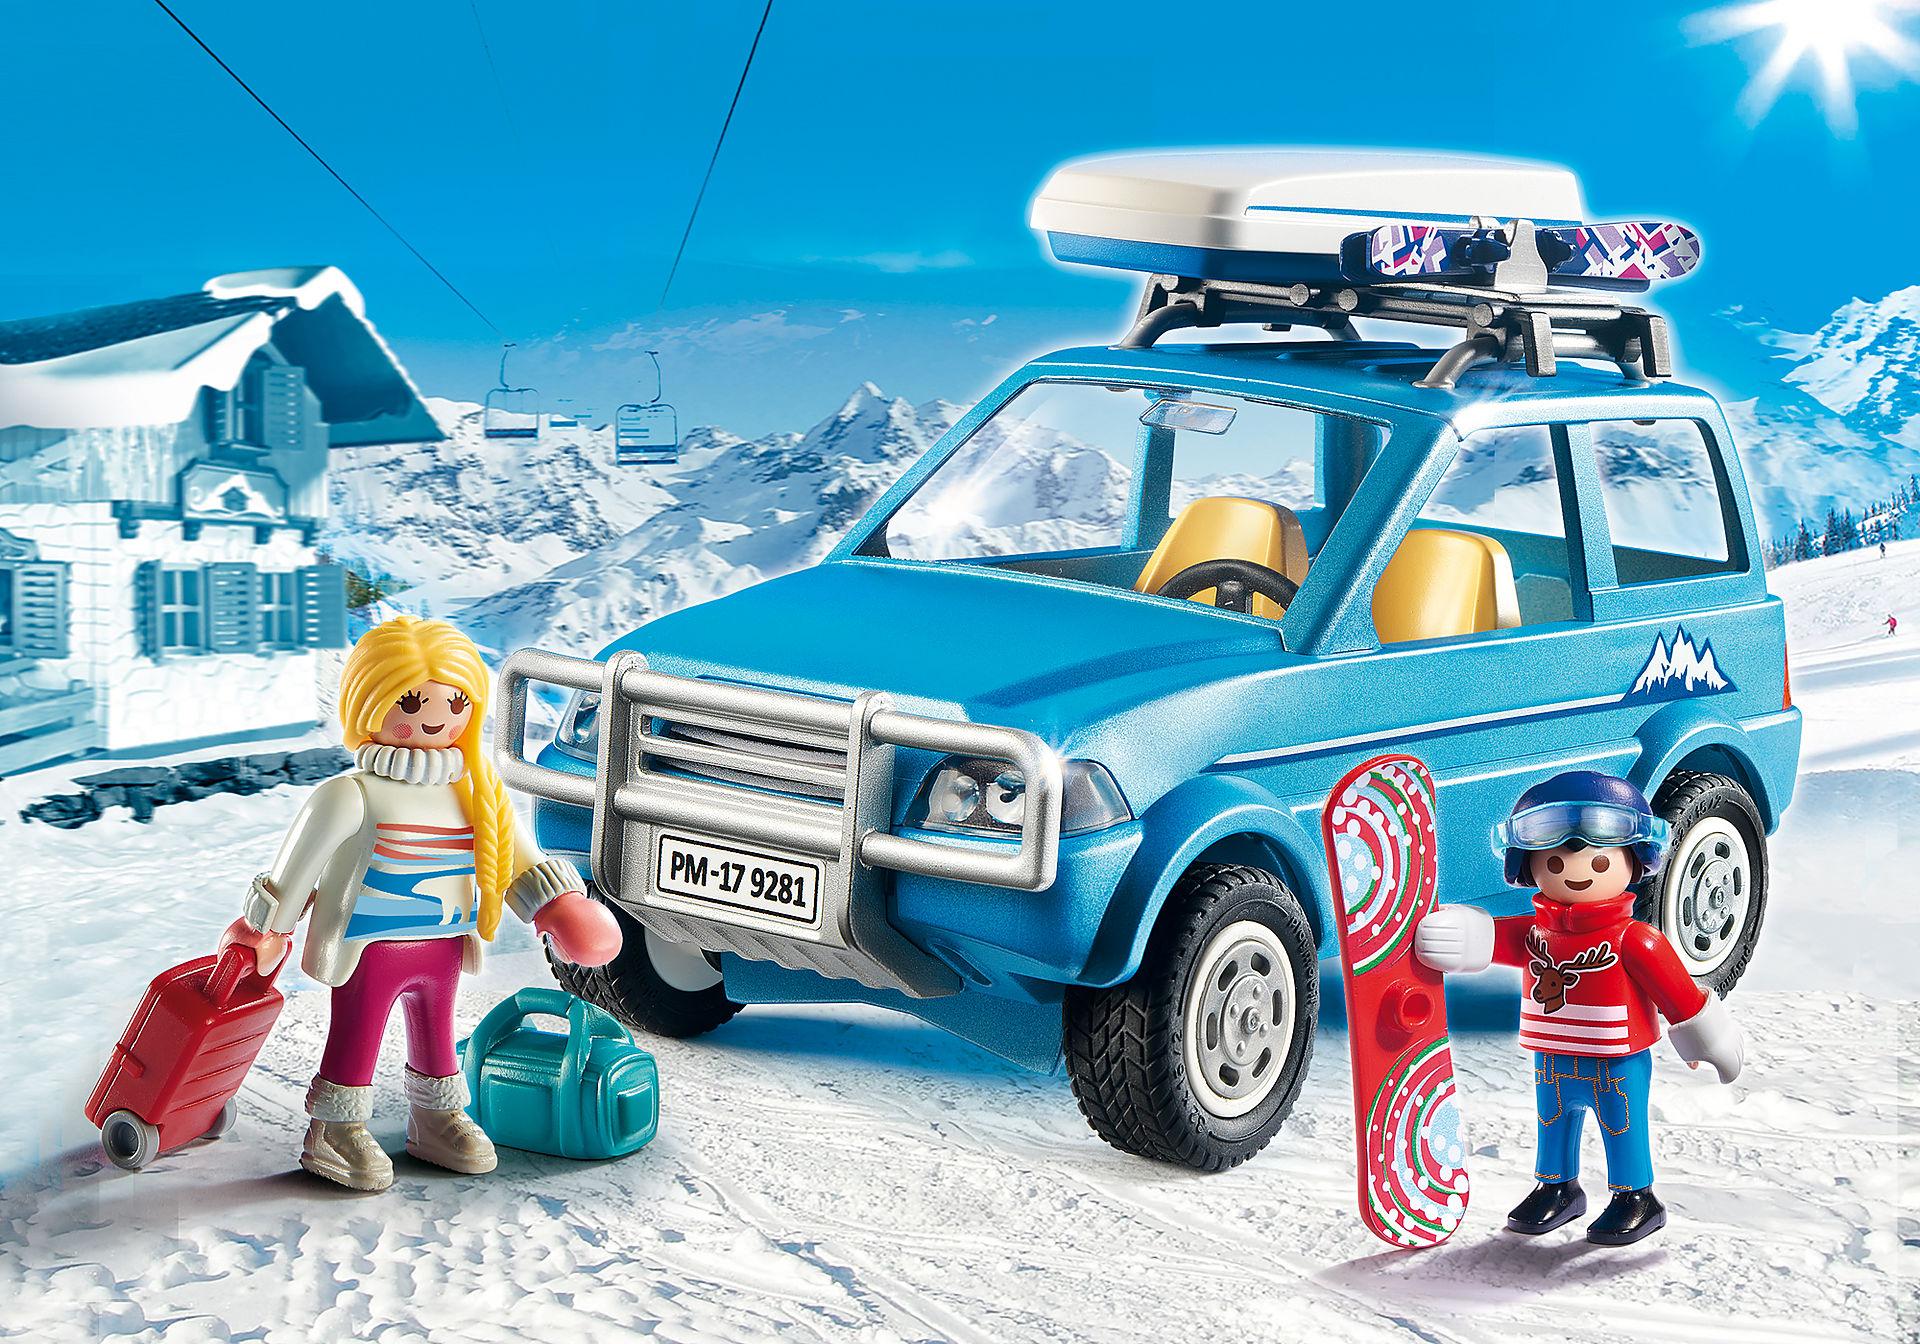 9281 SUV con portapacchi zoom image1